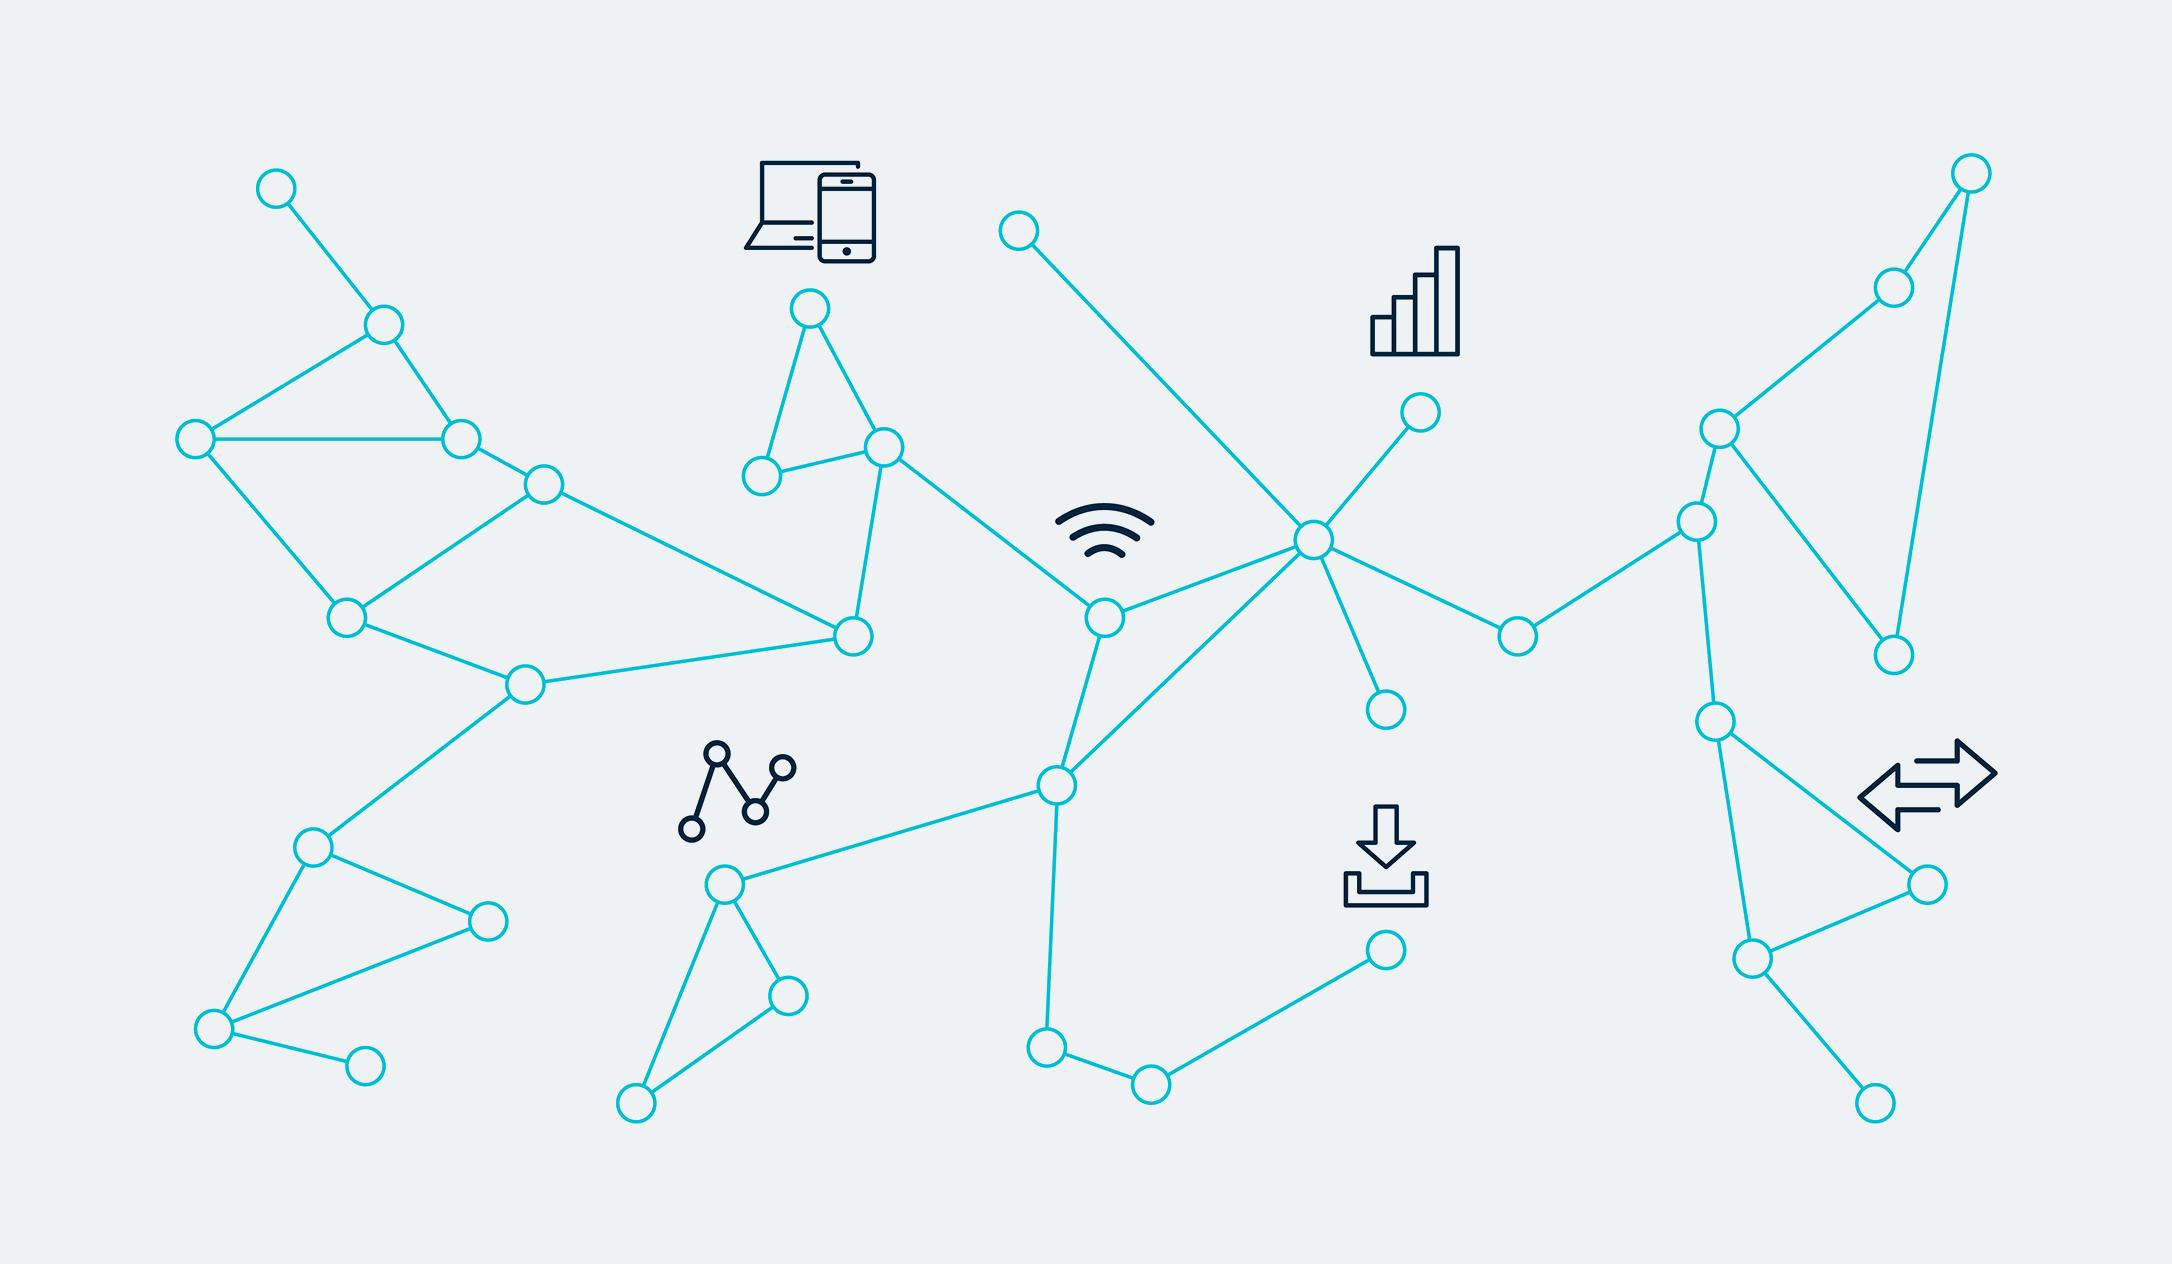 Die Wege zu Digitalisierung, Datensicherheit, Marketing